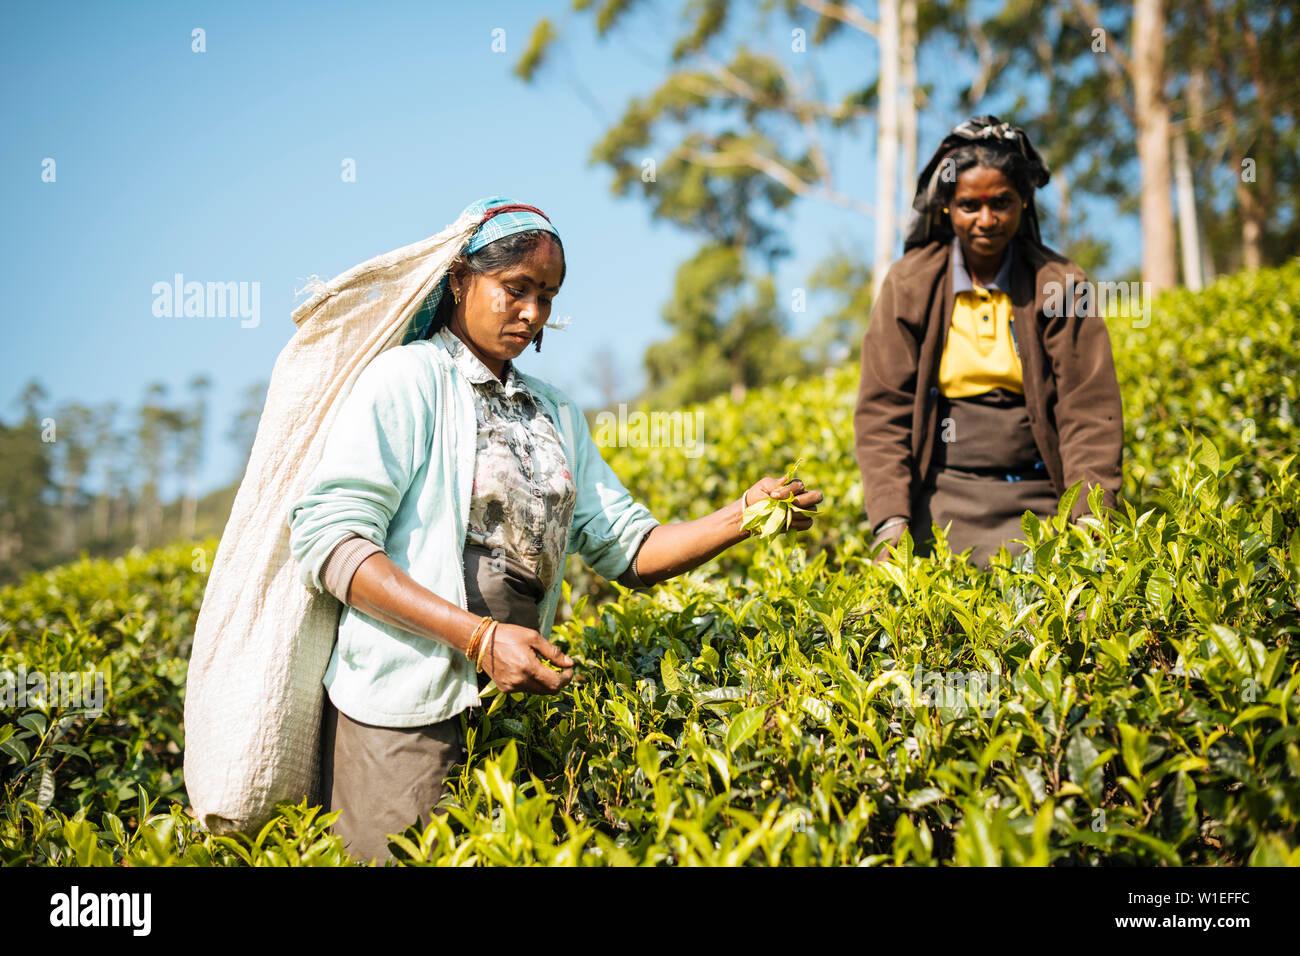 Femme tamoule Plateau Picker dans une plantation de thé dans les Highlands, Nuwara Eliya, Province du Centre, au Sri Lanka, en Asie Banque D'Images